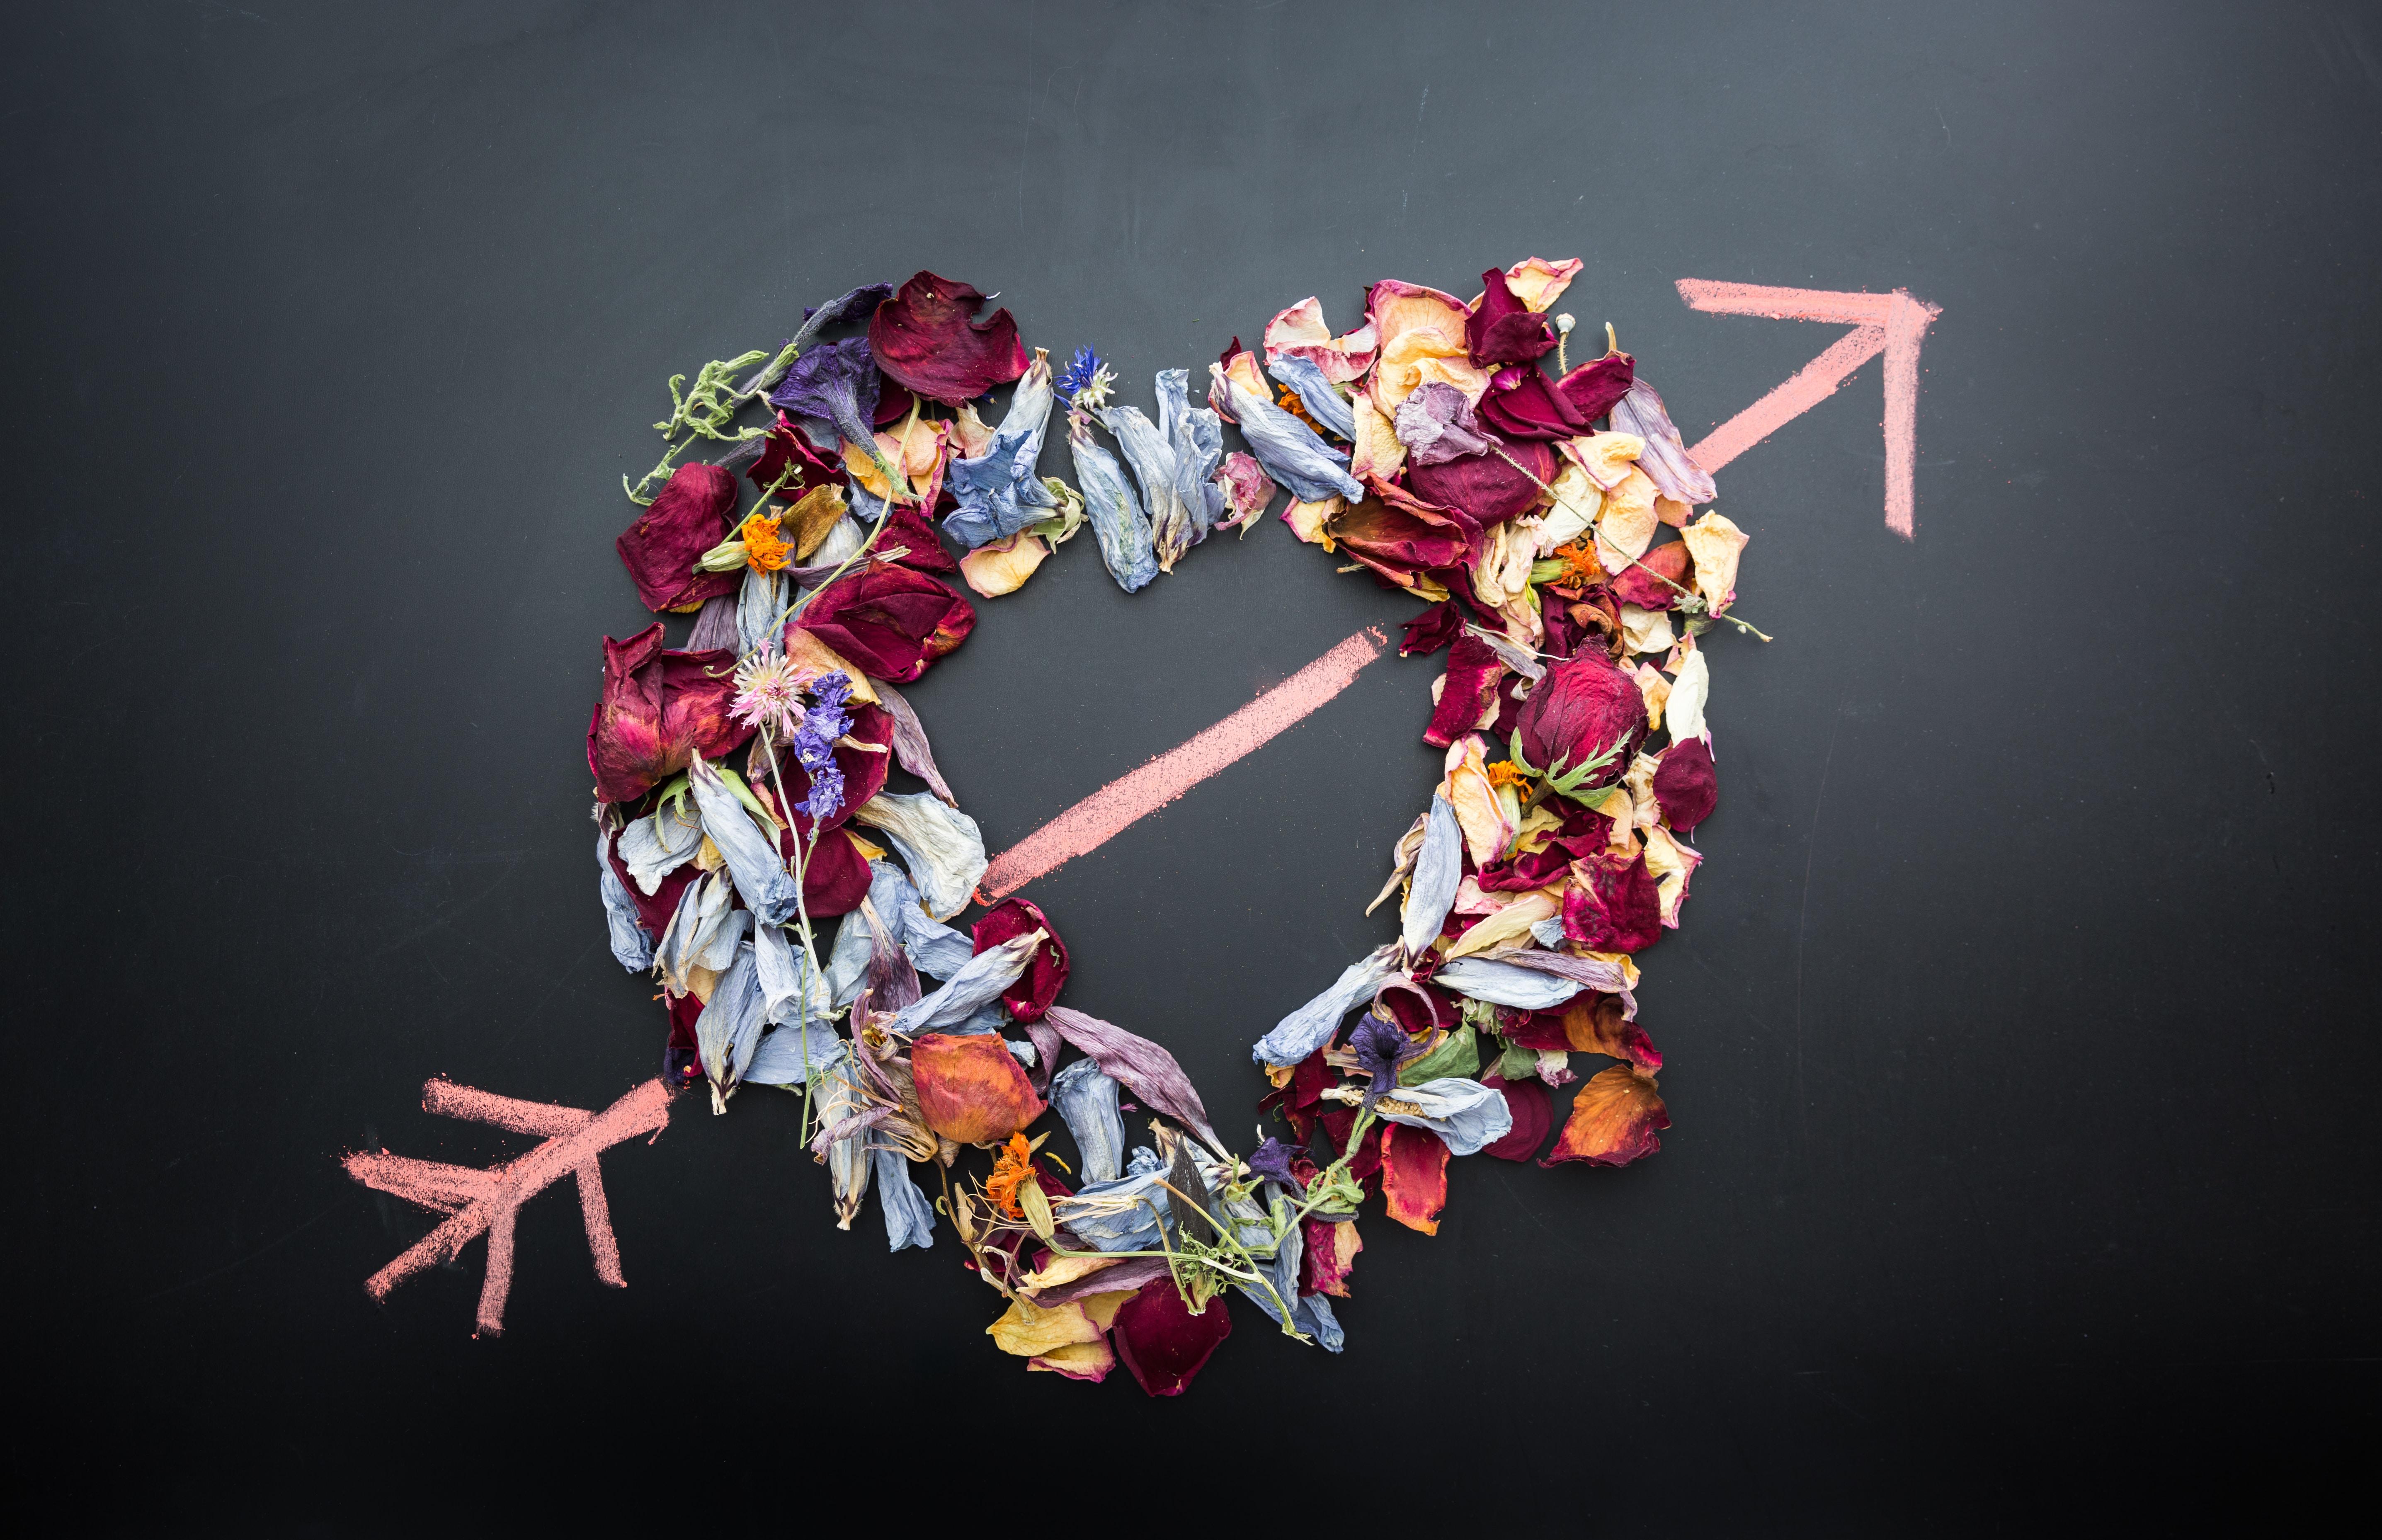 heart shaped flower arrangement